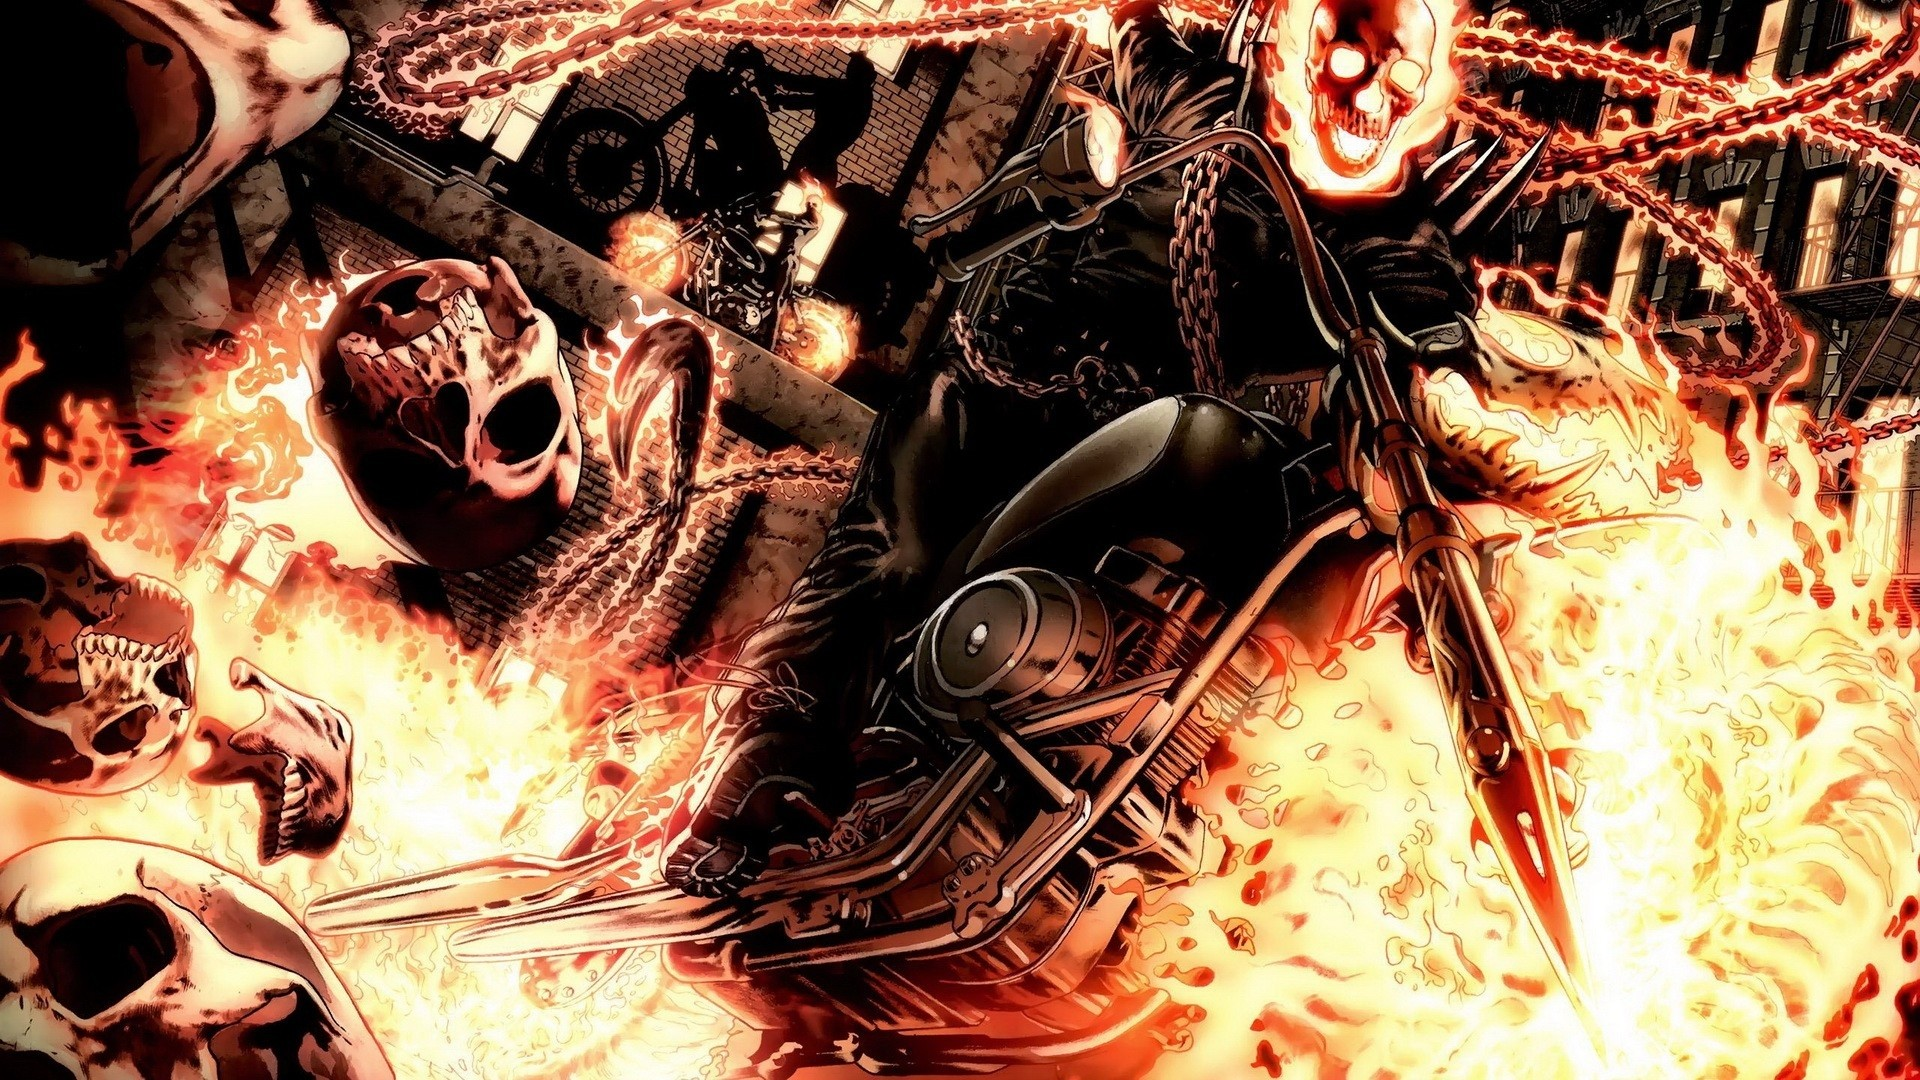 Marvel ghost rider wallpaper hd